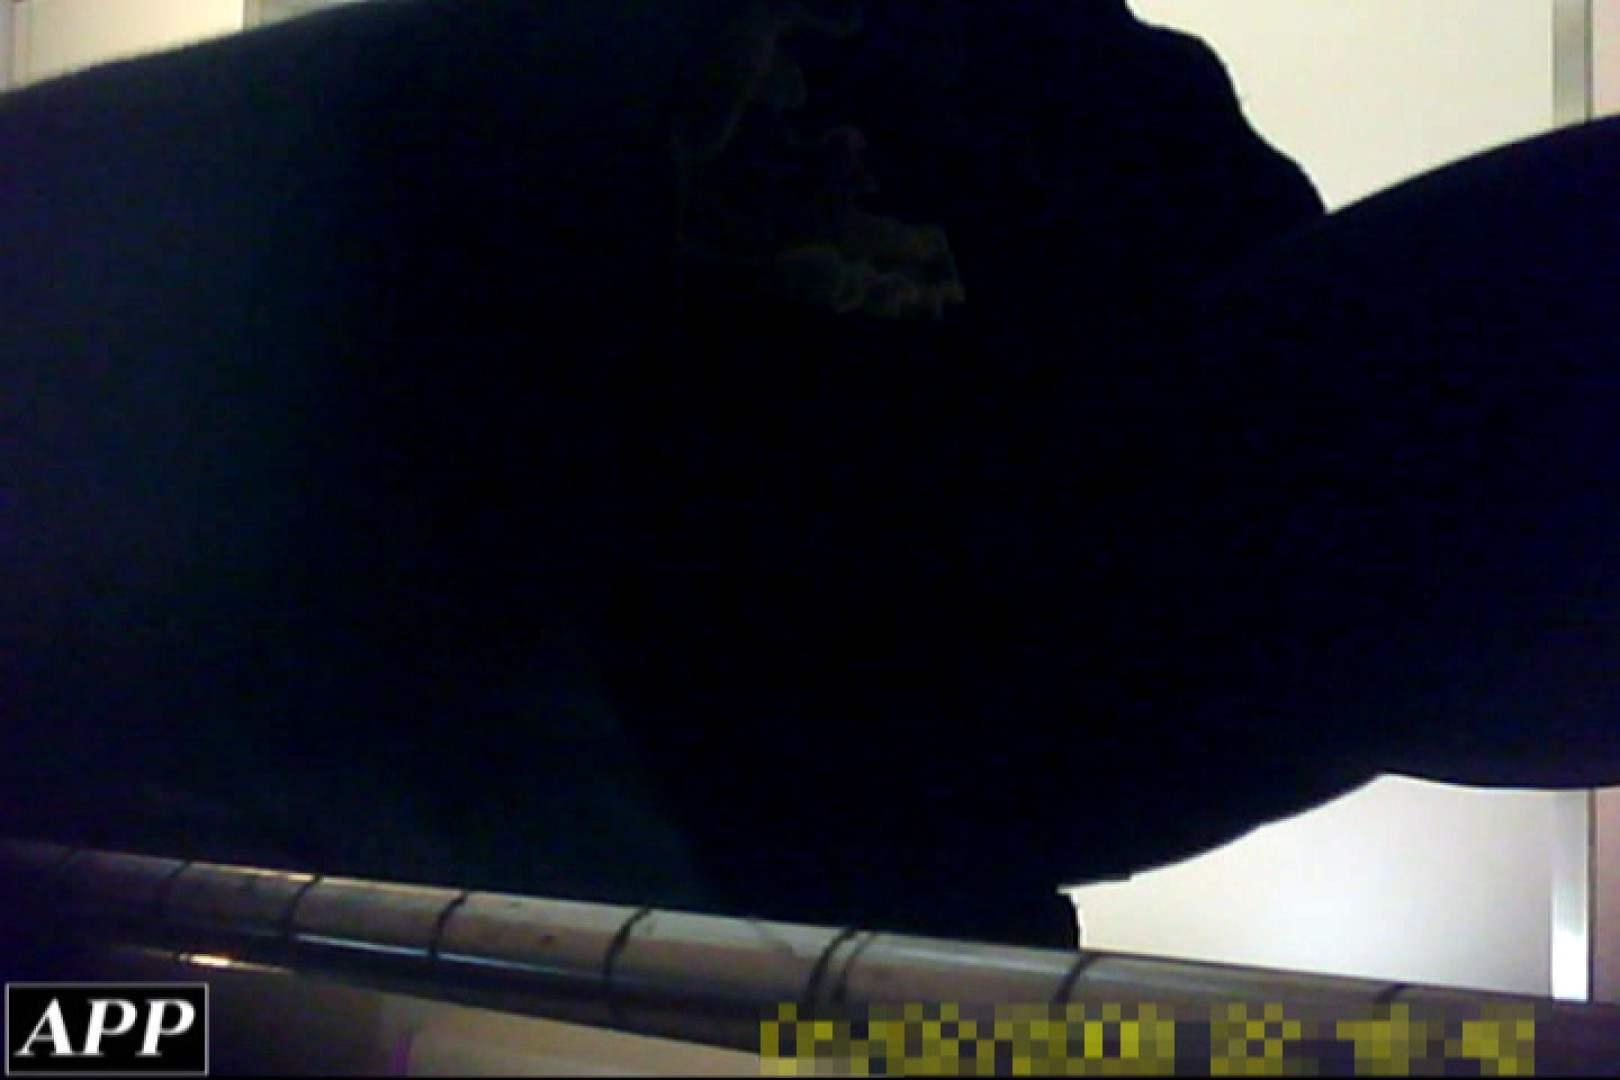 3視点洗面所 vol.110 洗面所 | 独身エッチOL  22pic 1